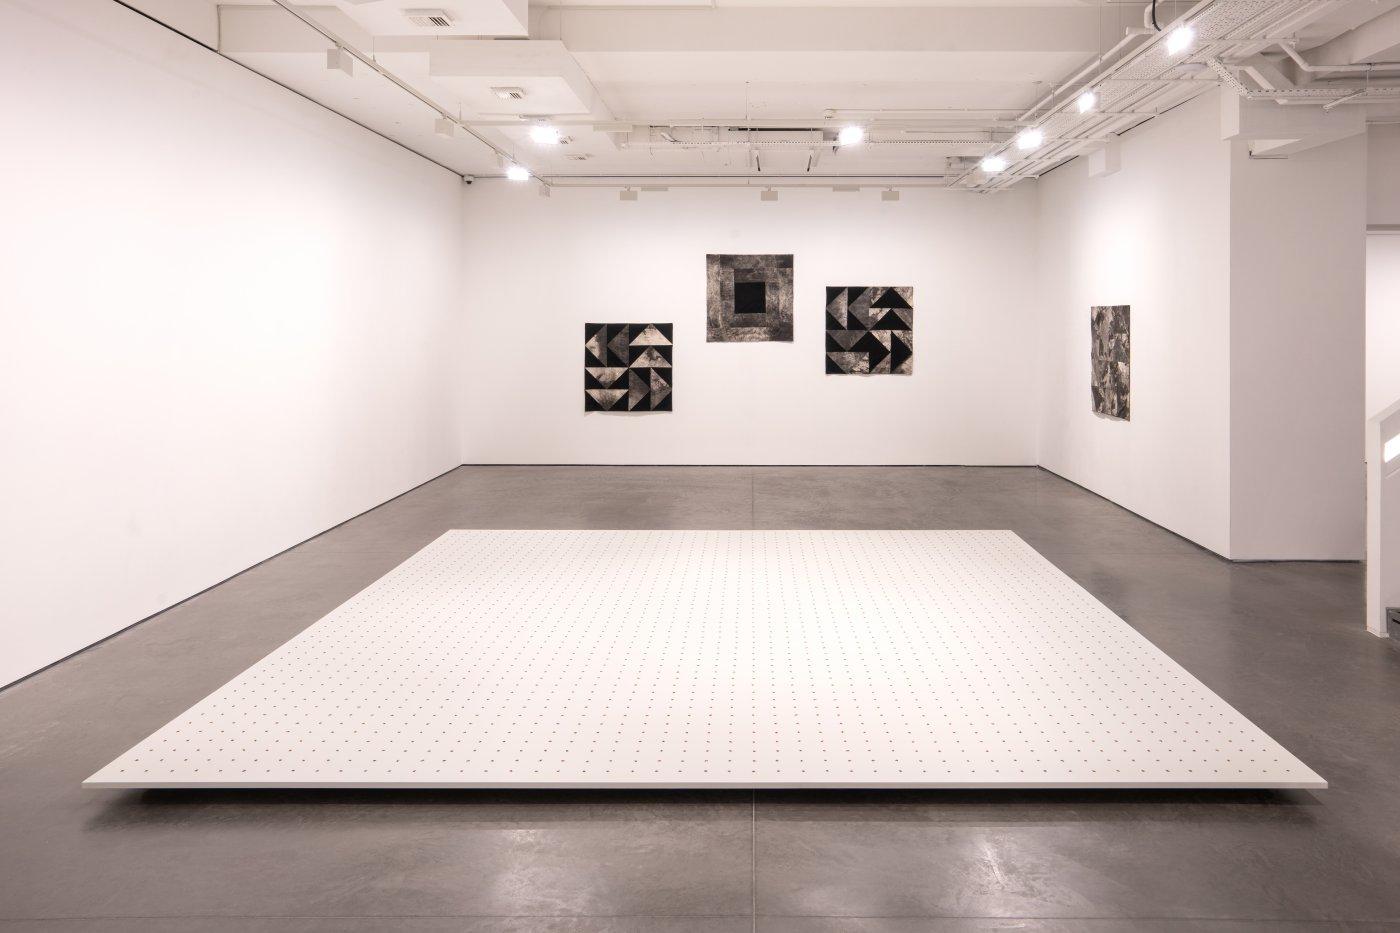 Goodman Gallery Kapwani Kiwanga 5